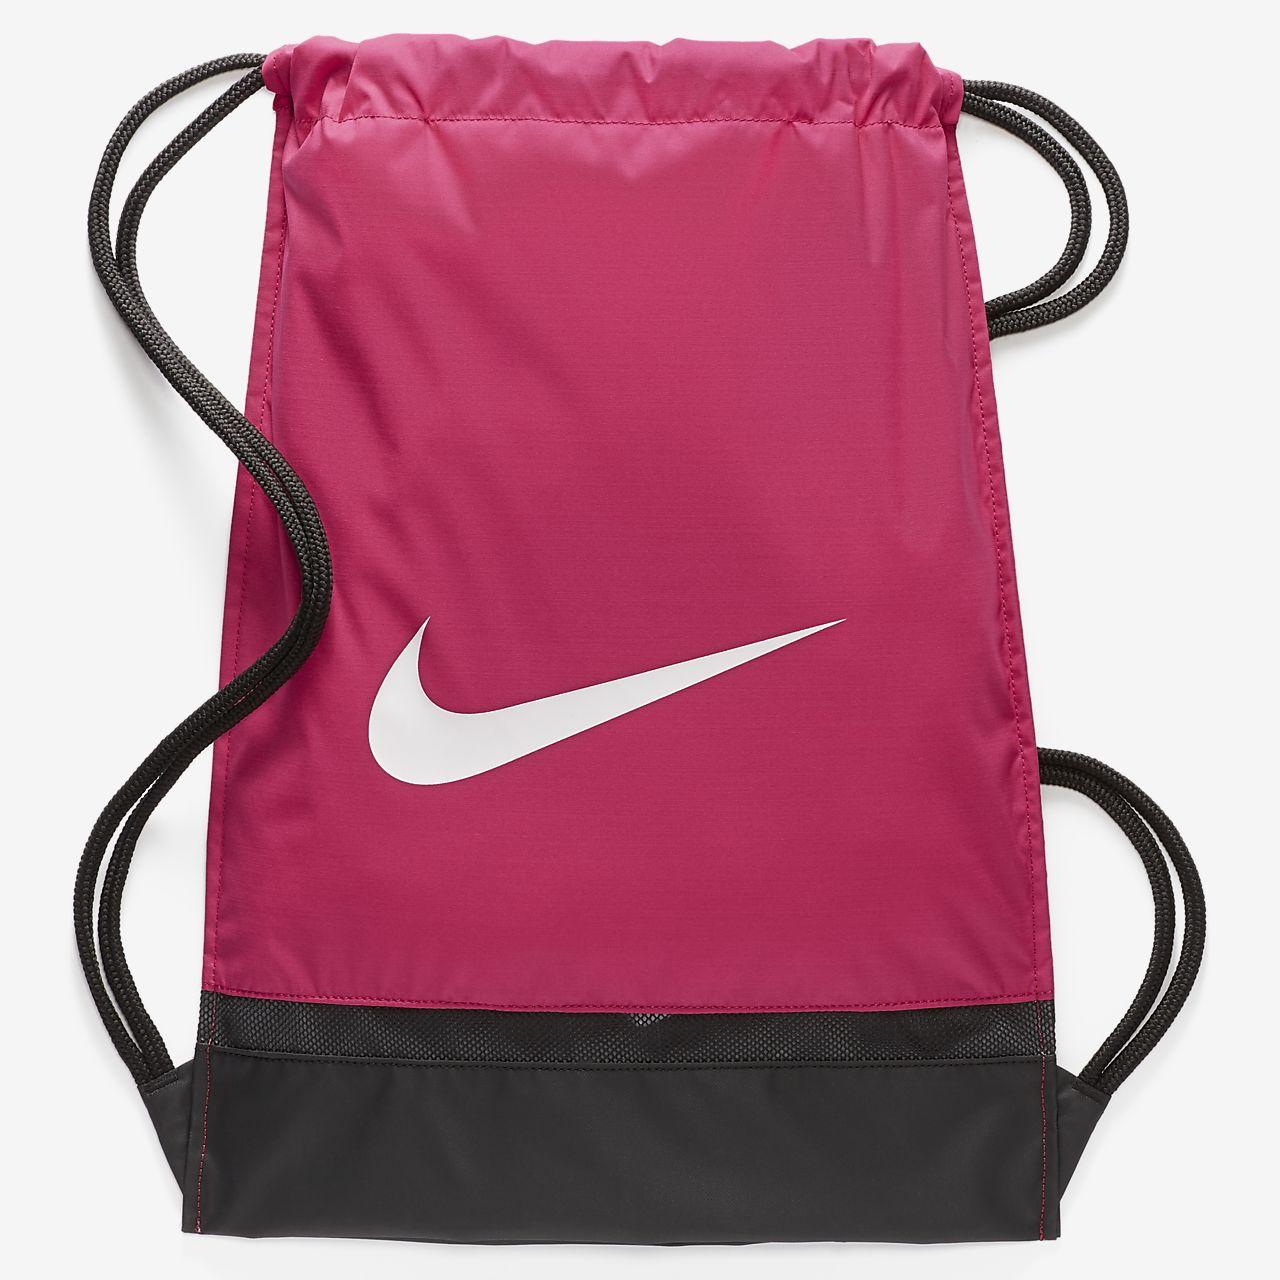 Nike Brasilia - gymnastikpose til træning